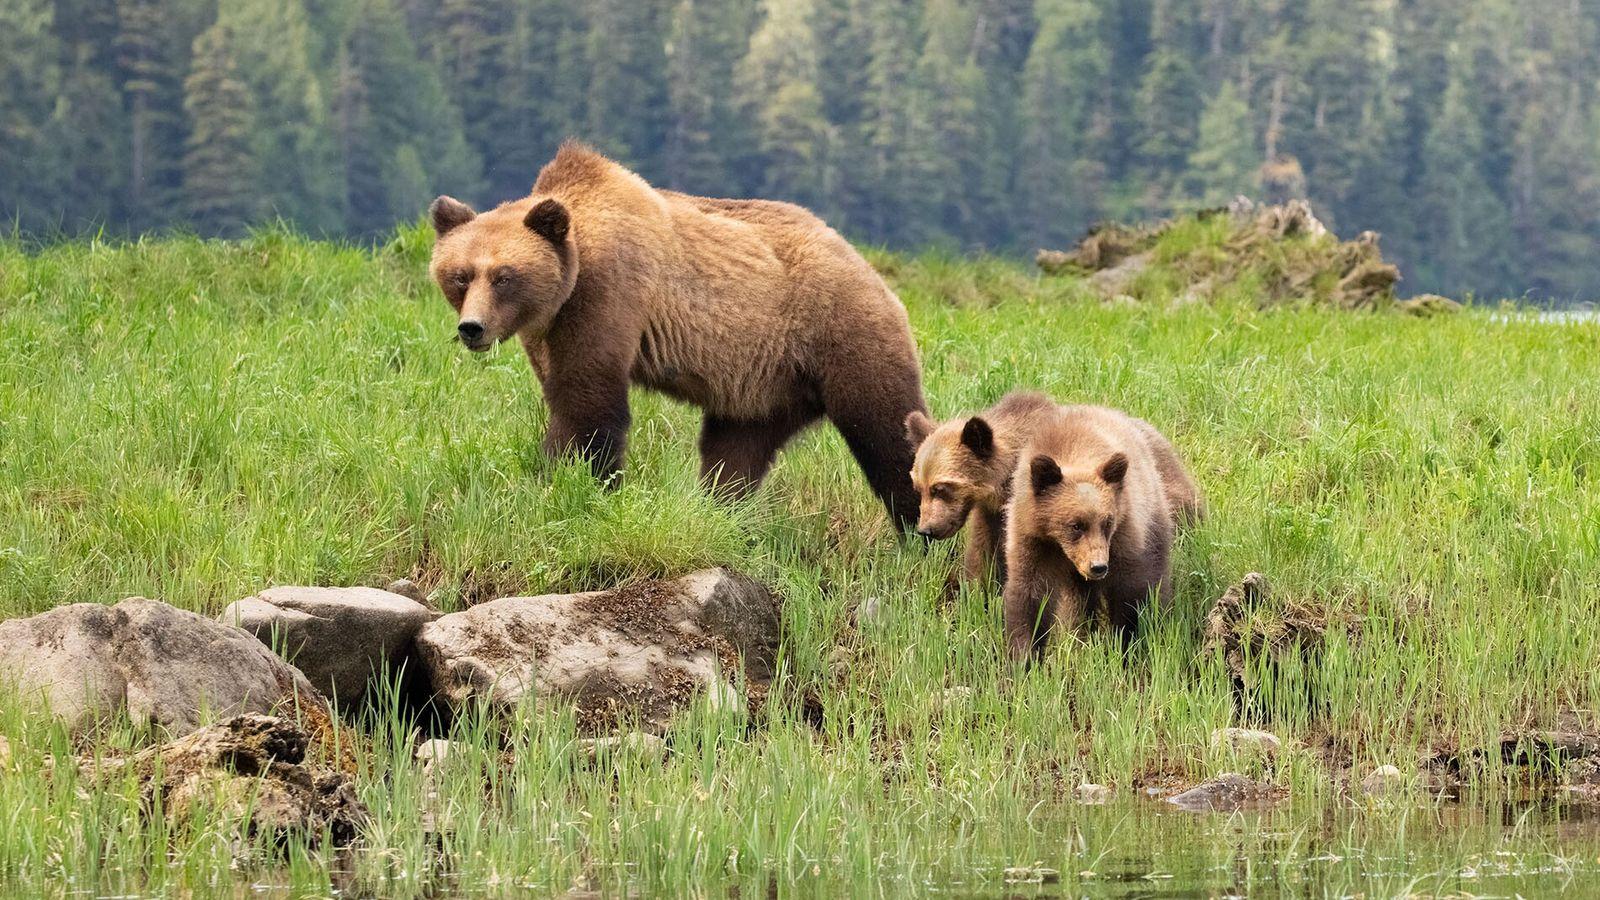 Das Gebiet ist Lebensraum für eine der größten Grizzlybär-Populationen in British Columbia. Die beste Zeit, um ...